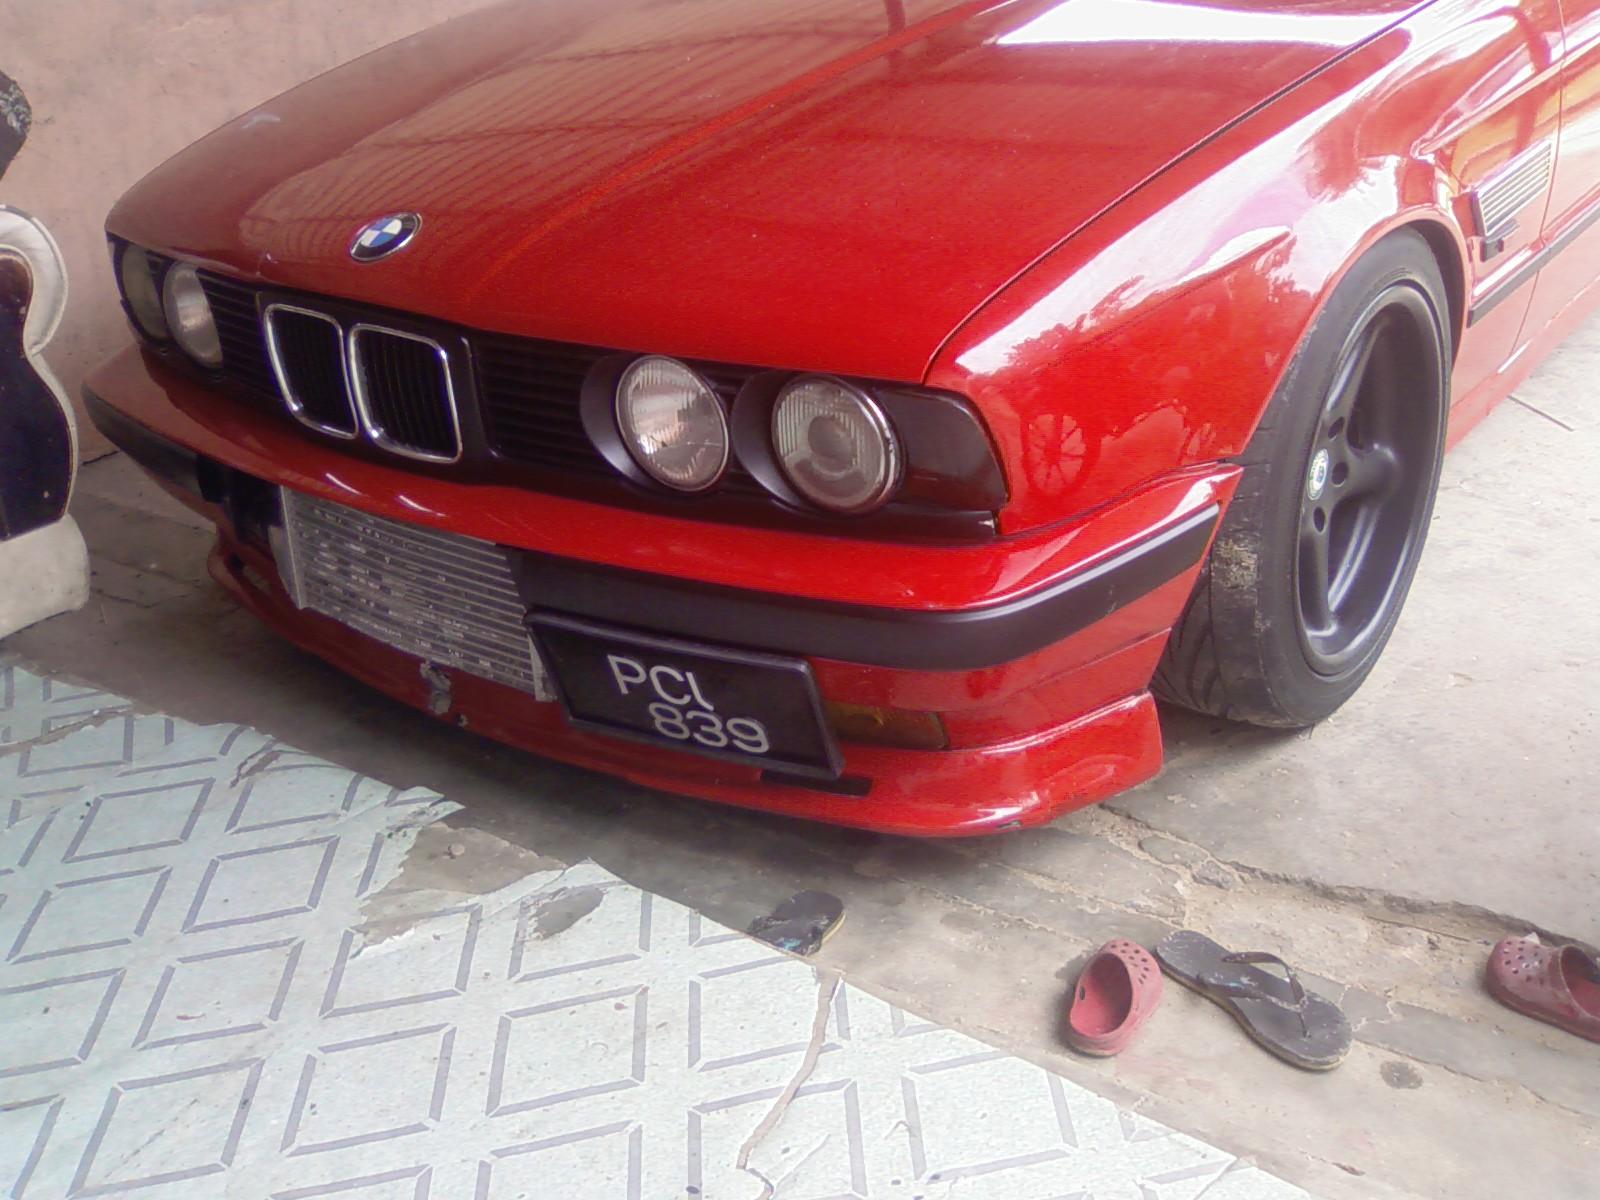 bmw 525 e34 with rb20 det r32 engine for sale-3.bp.blogspot.com